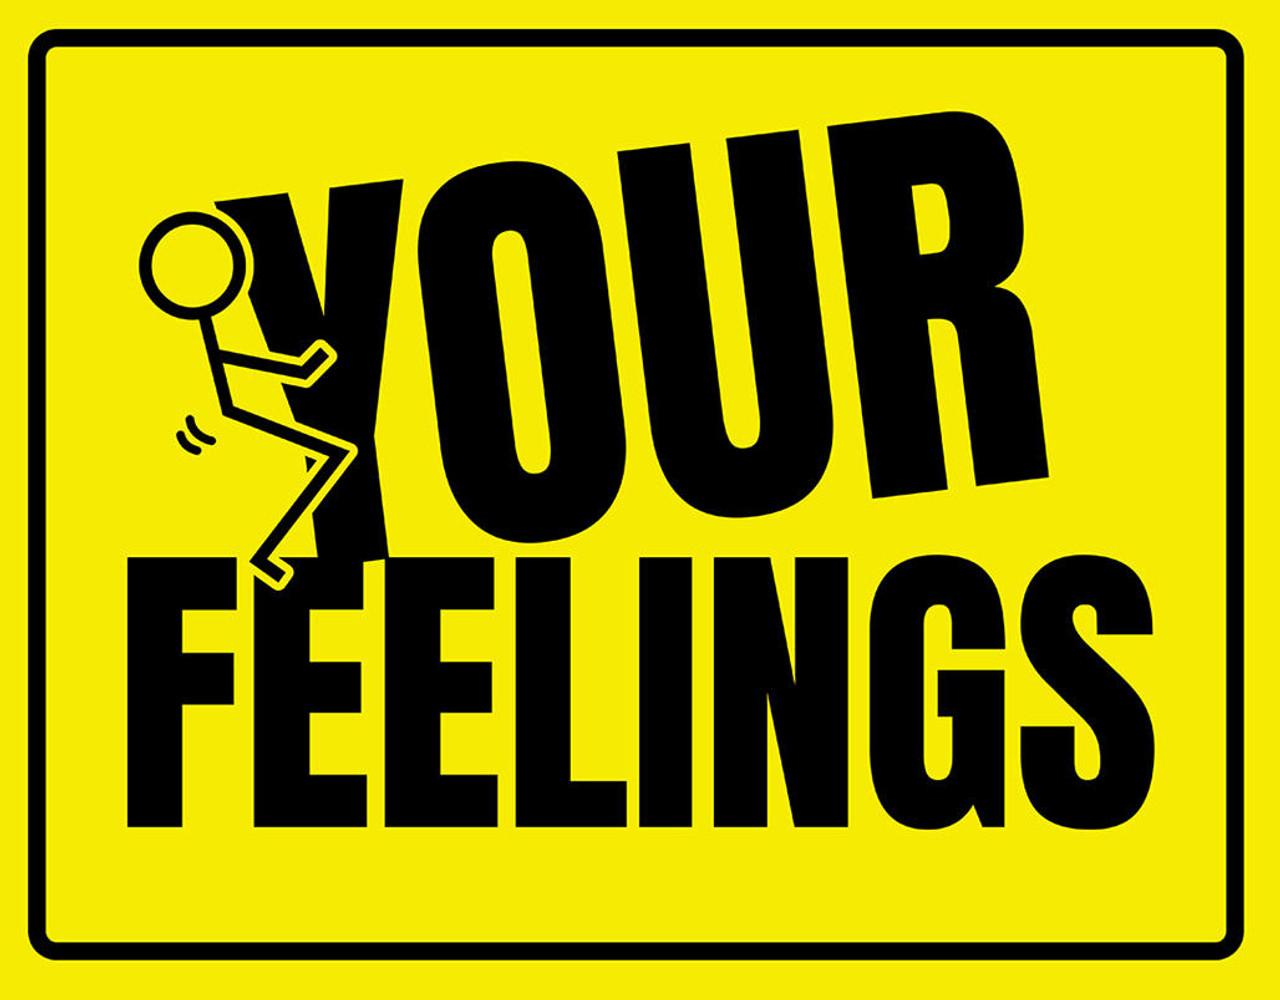 Your Feelings